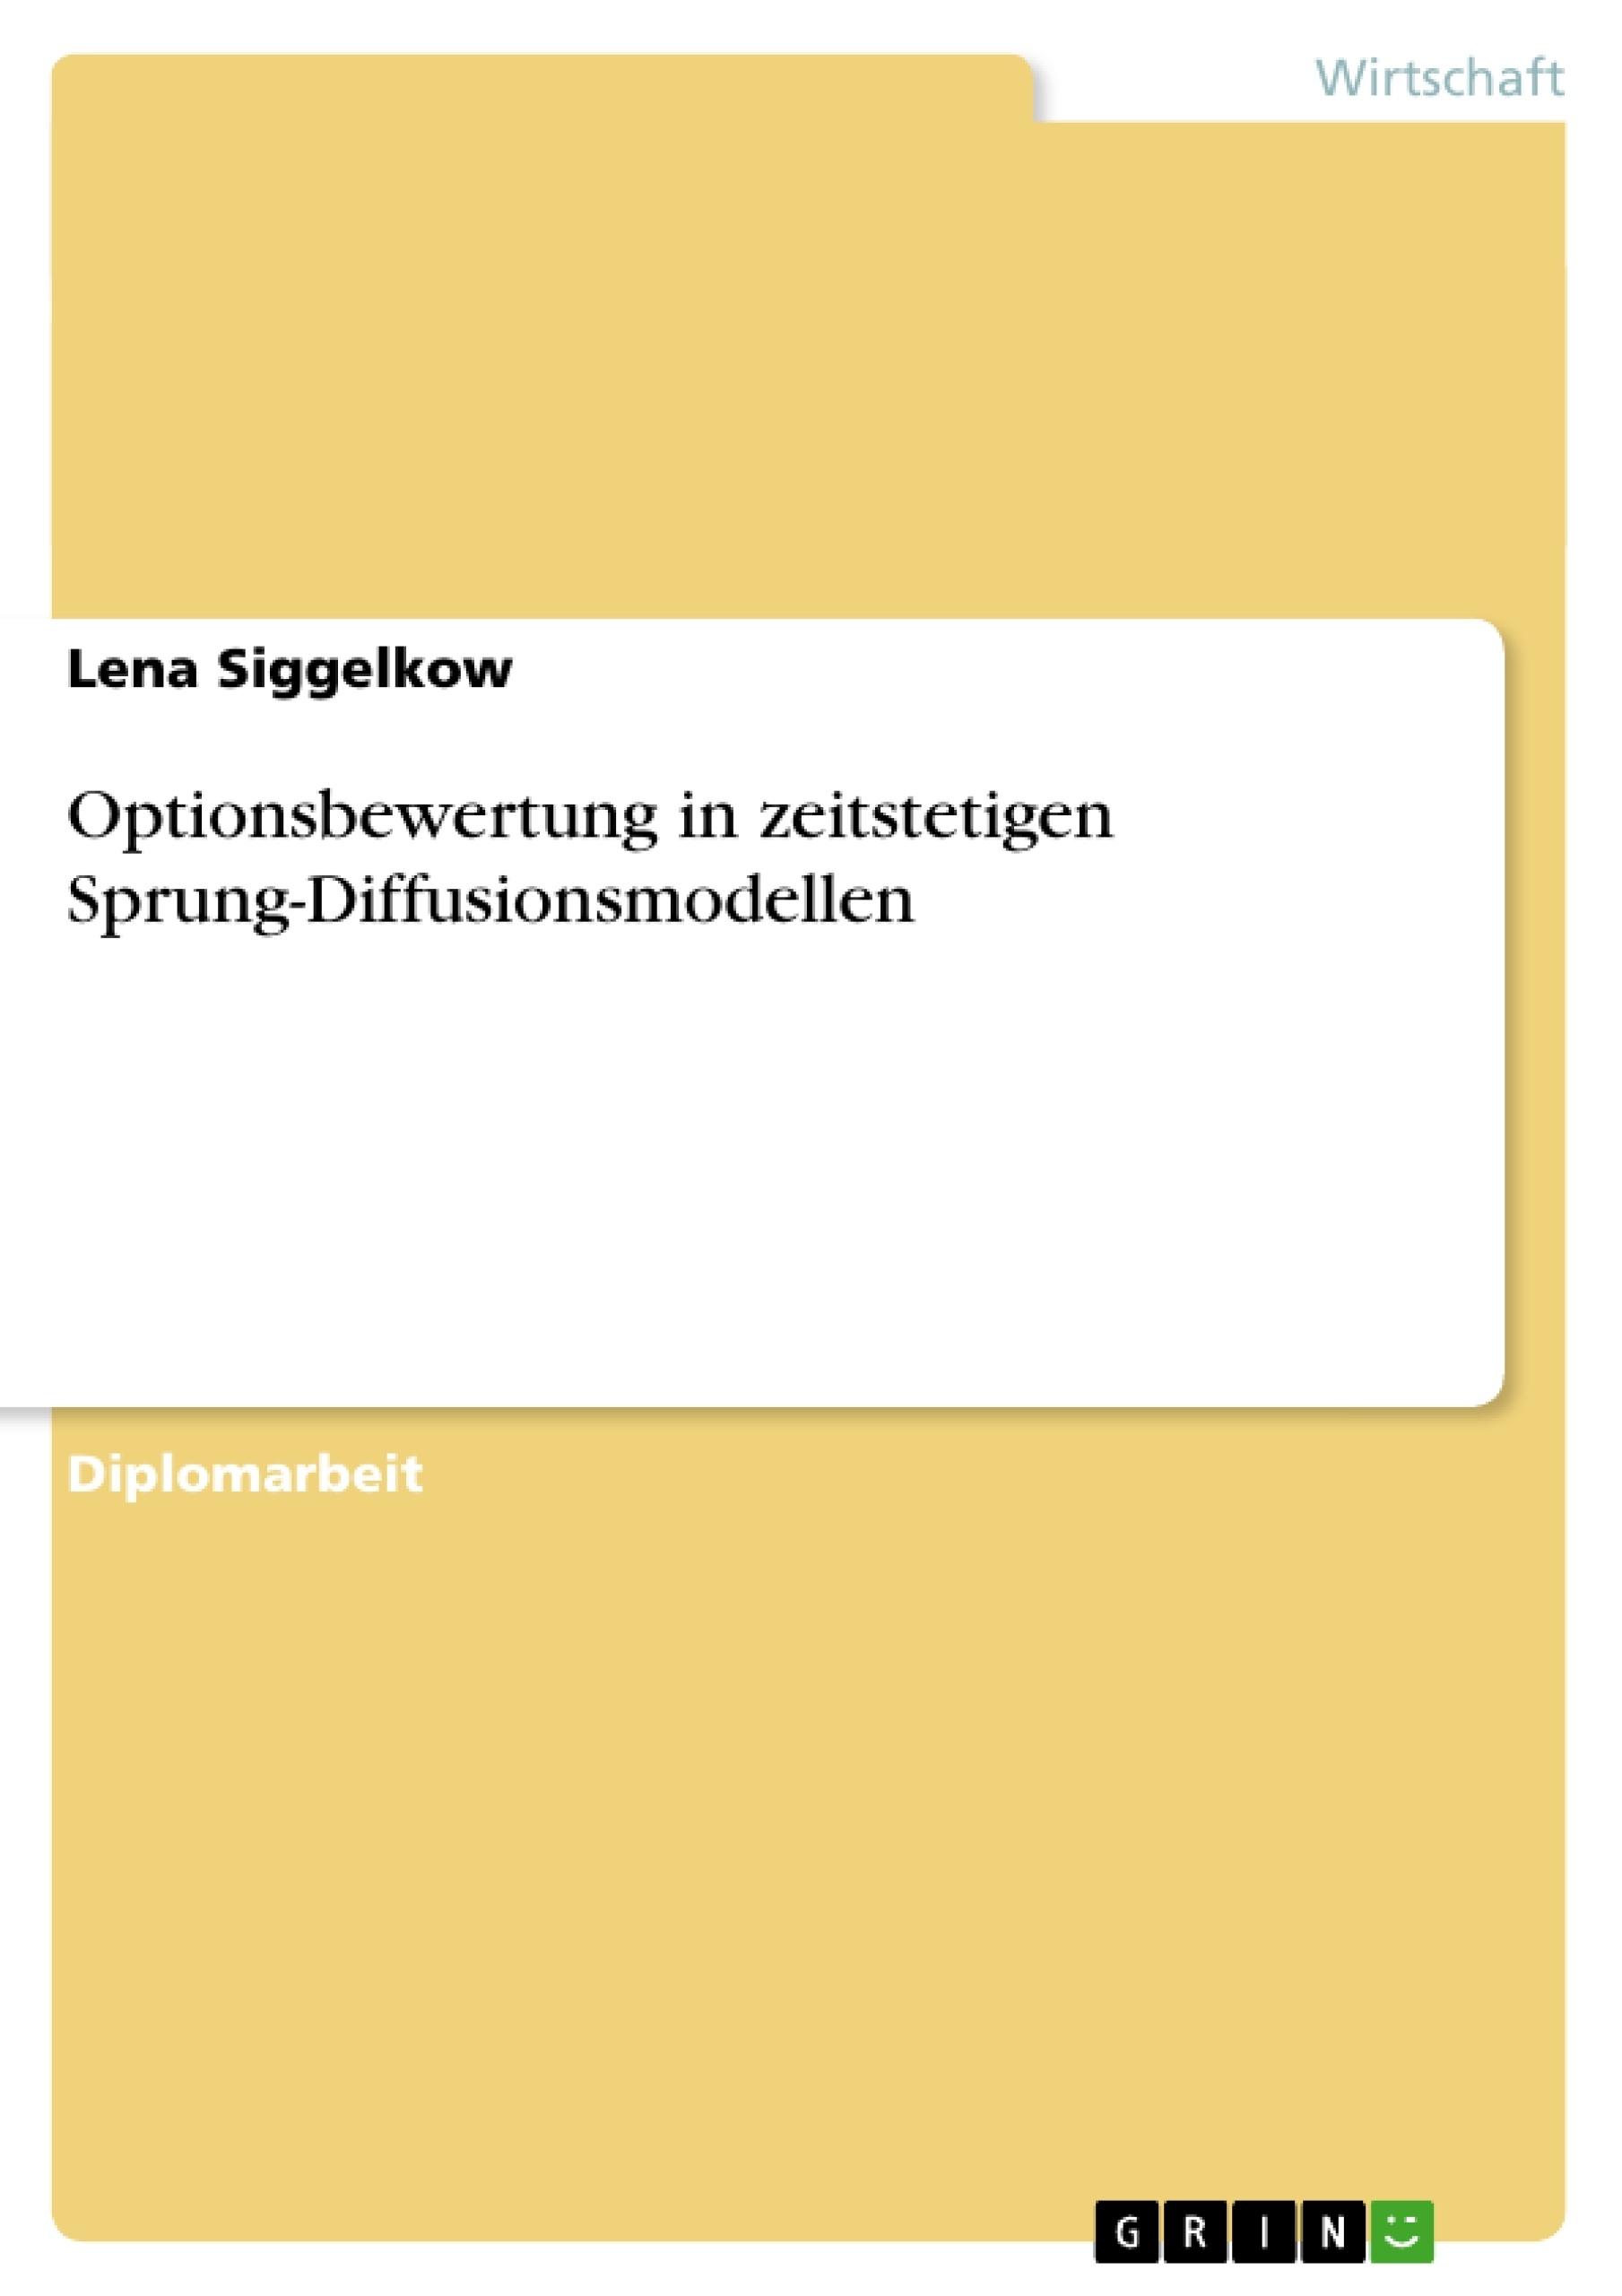 Titel: Optionsbewertung in zeitstetigen Sprung-Diffusionsmodellen